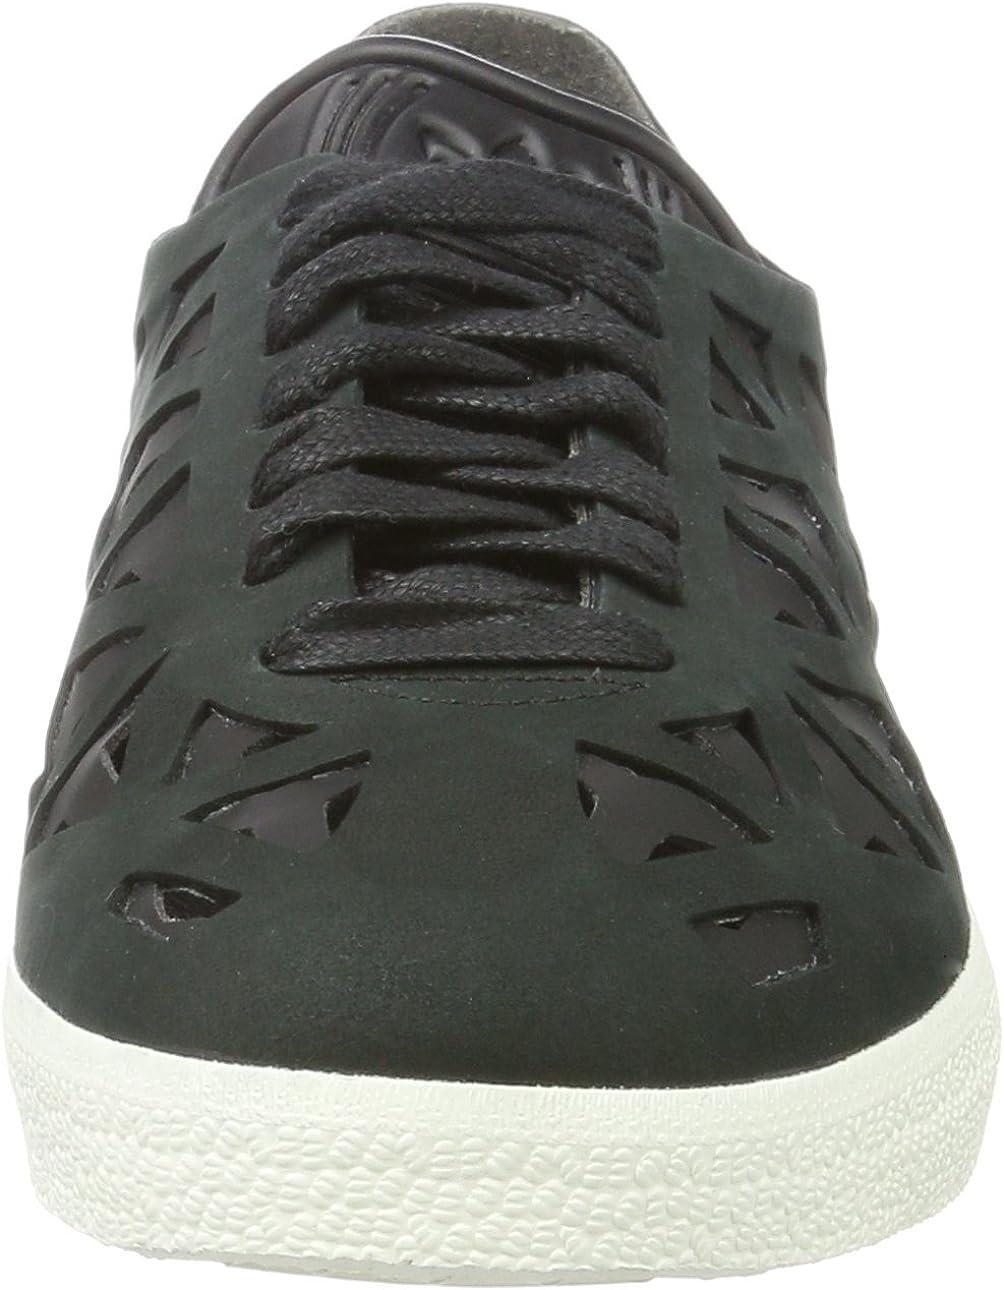 adidas Gazelle Cutout, Sneakers Basses Femme Noir Core Black Core Black Off White